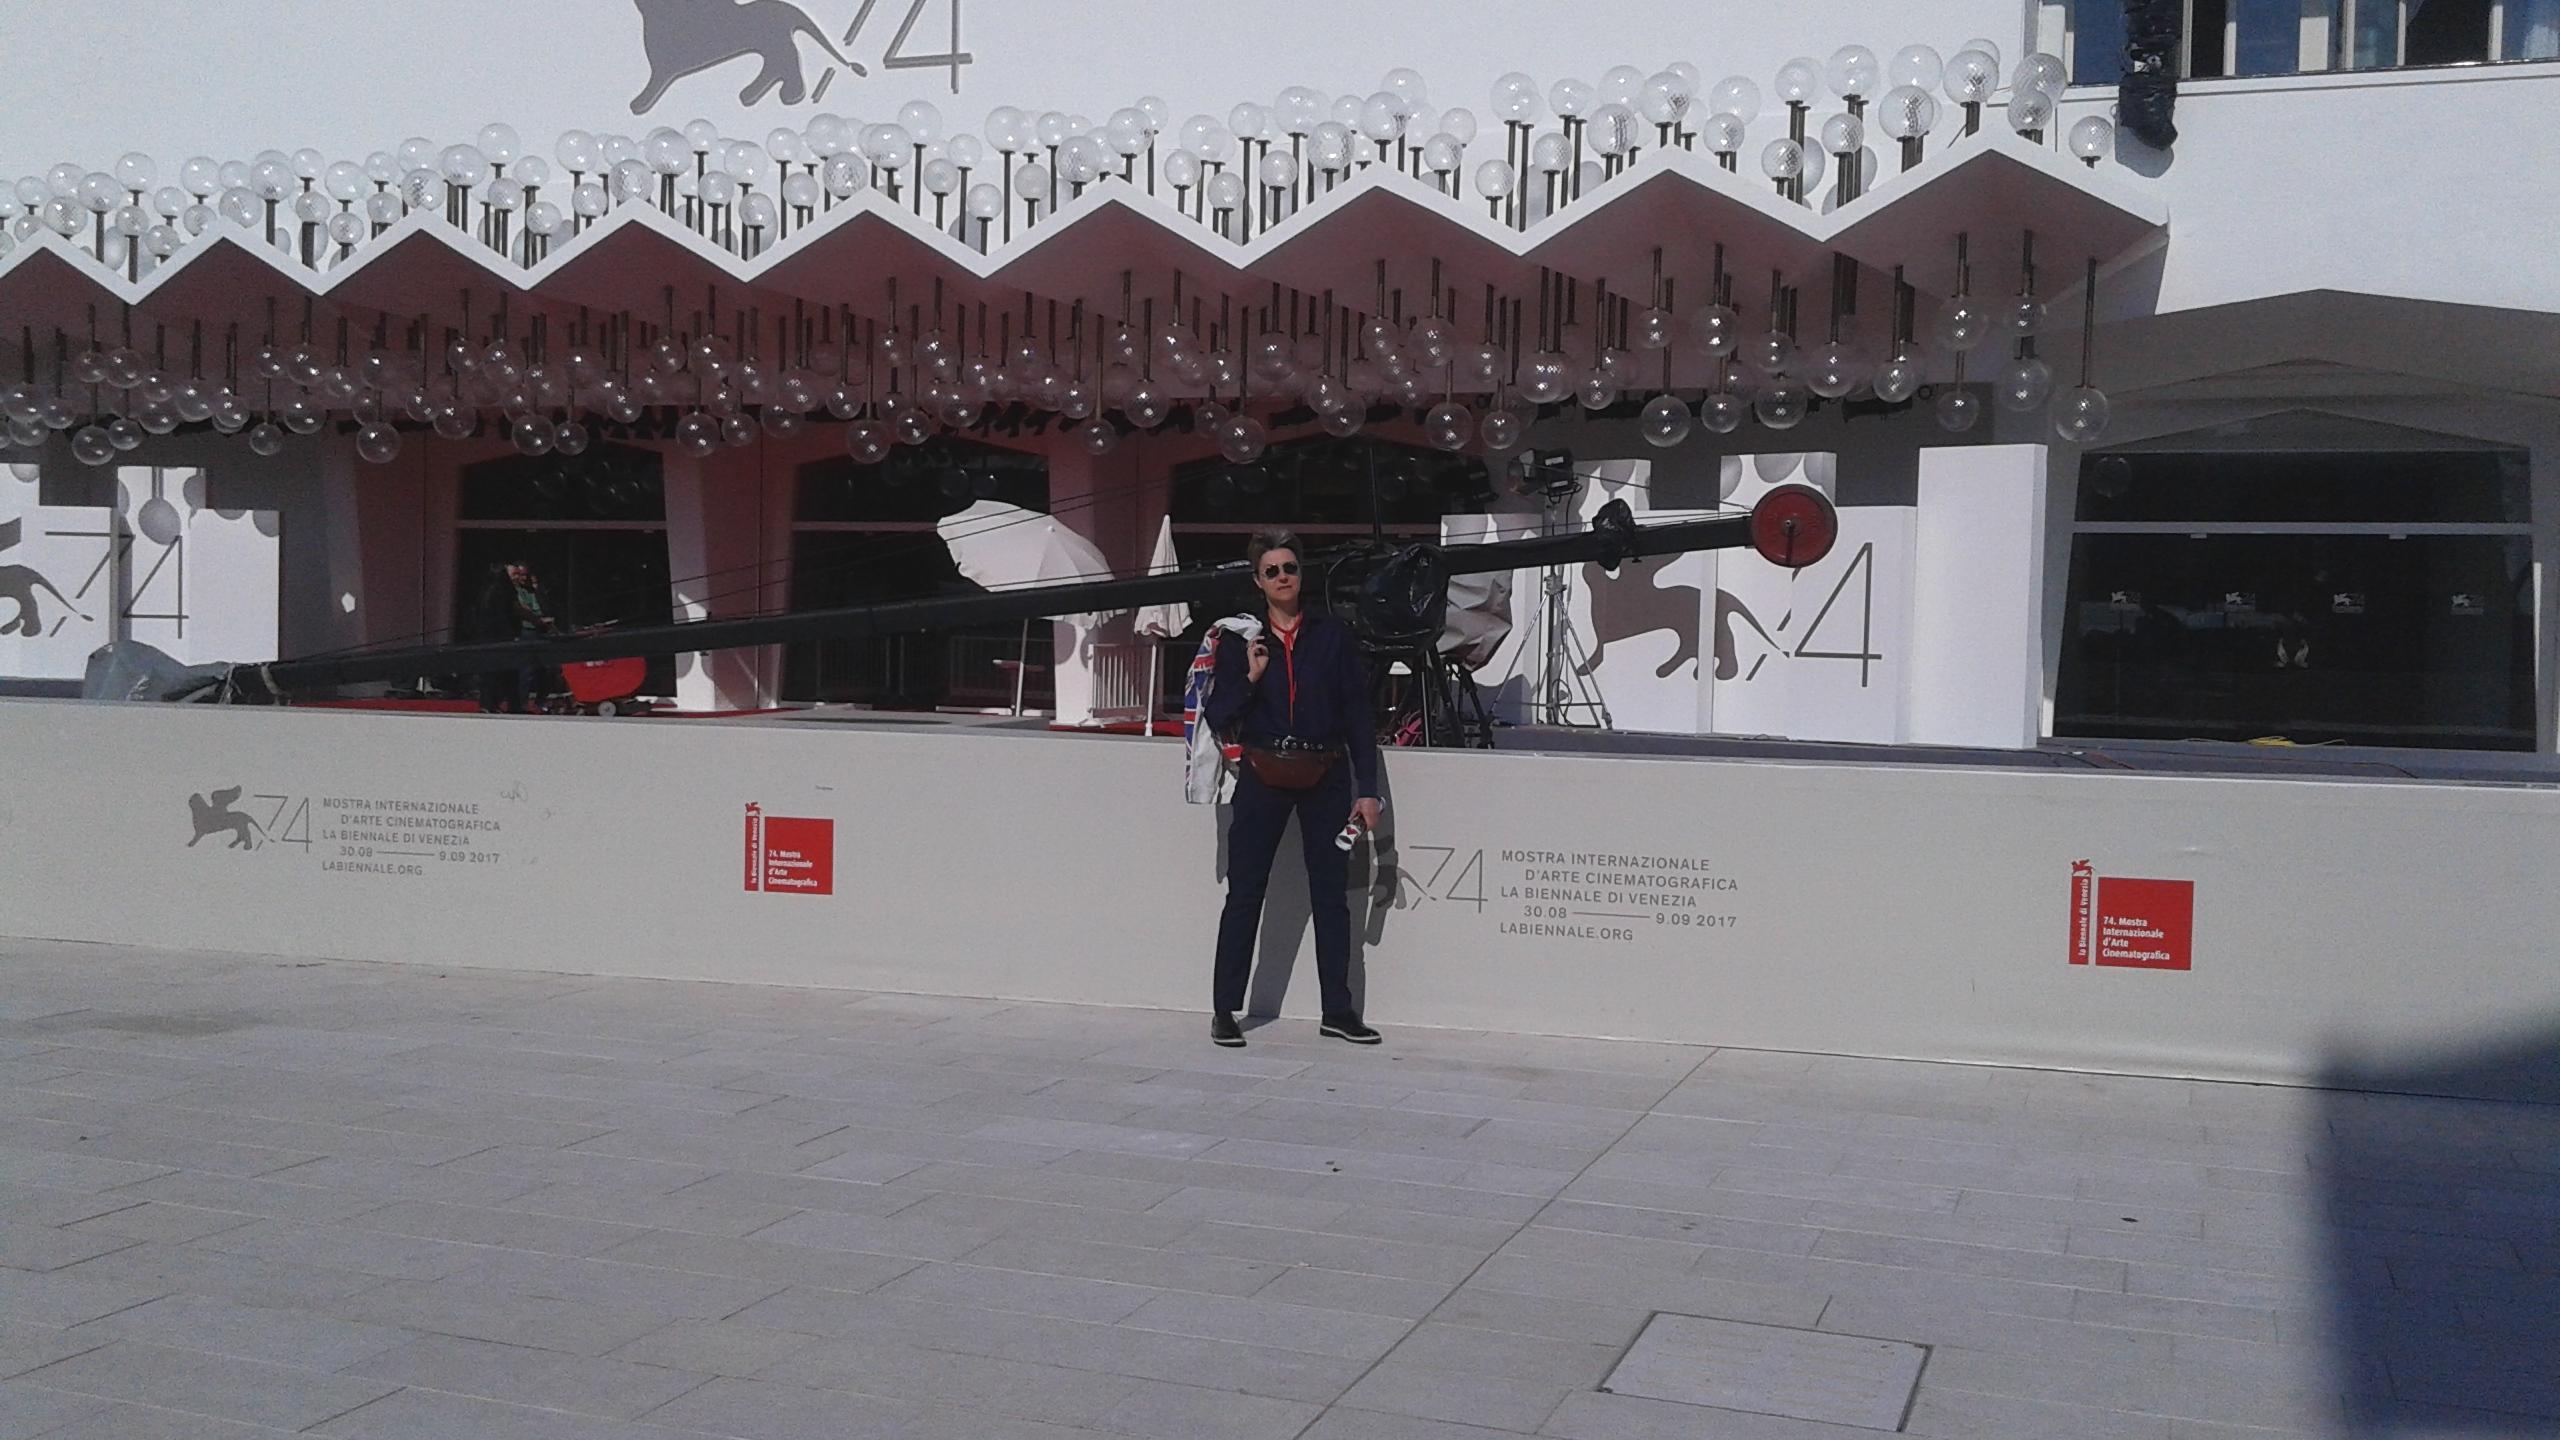 Ambra Mattioli Hannah at Venice